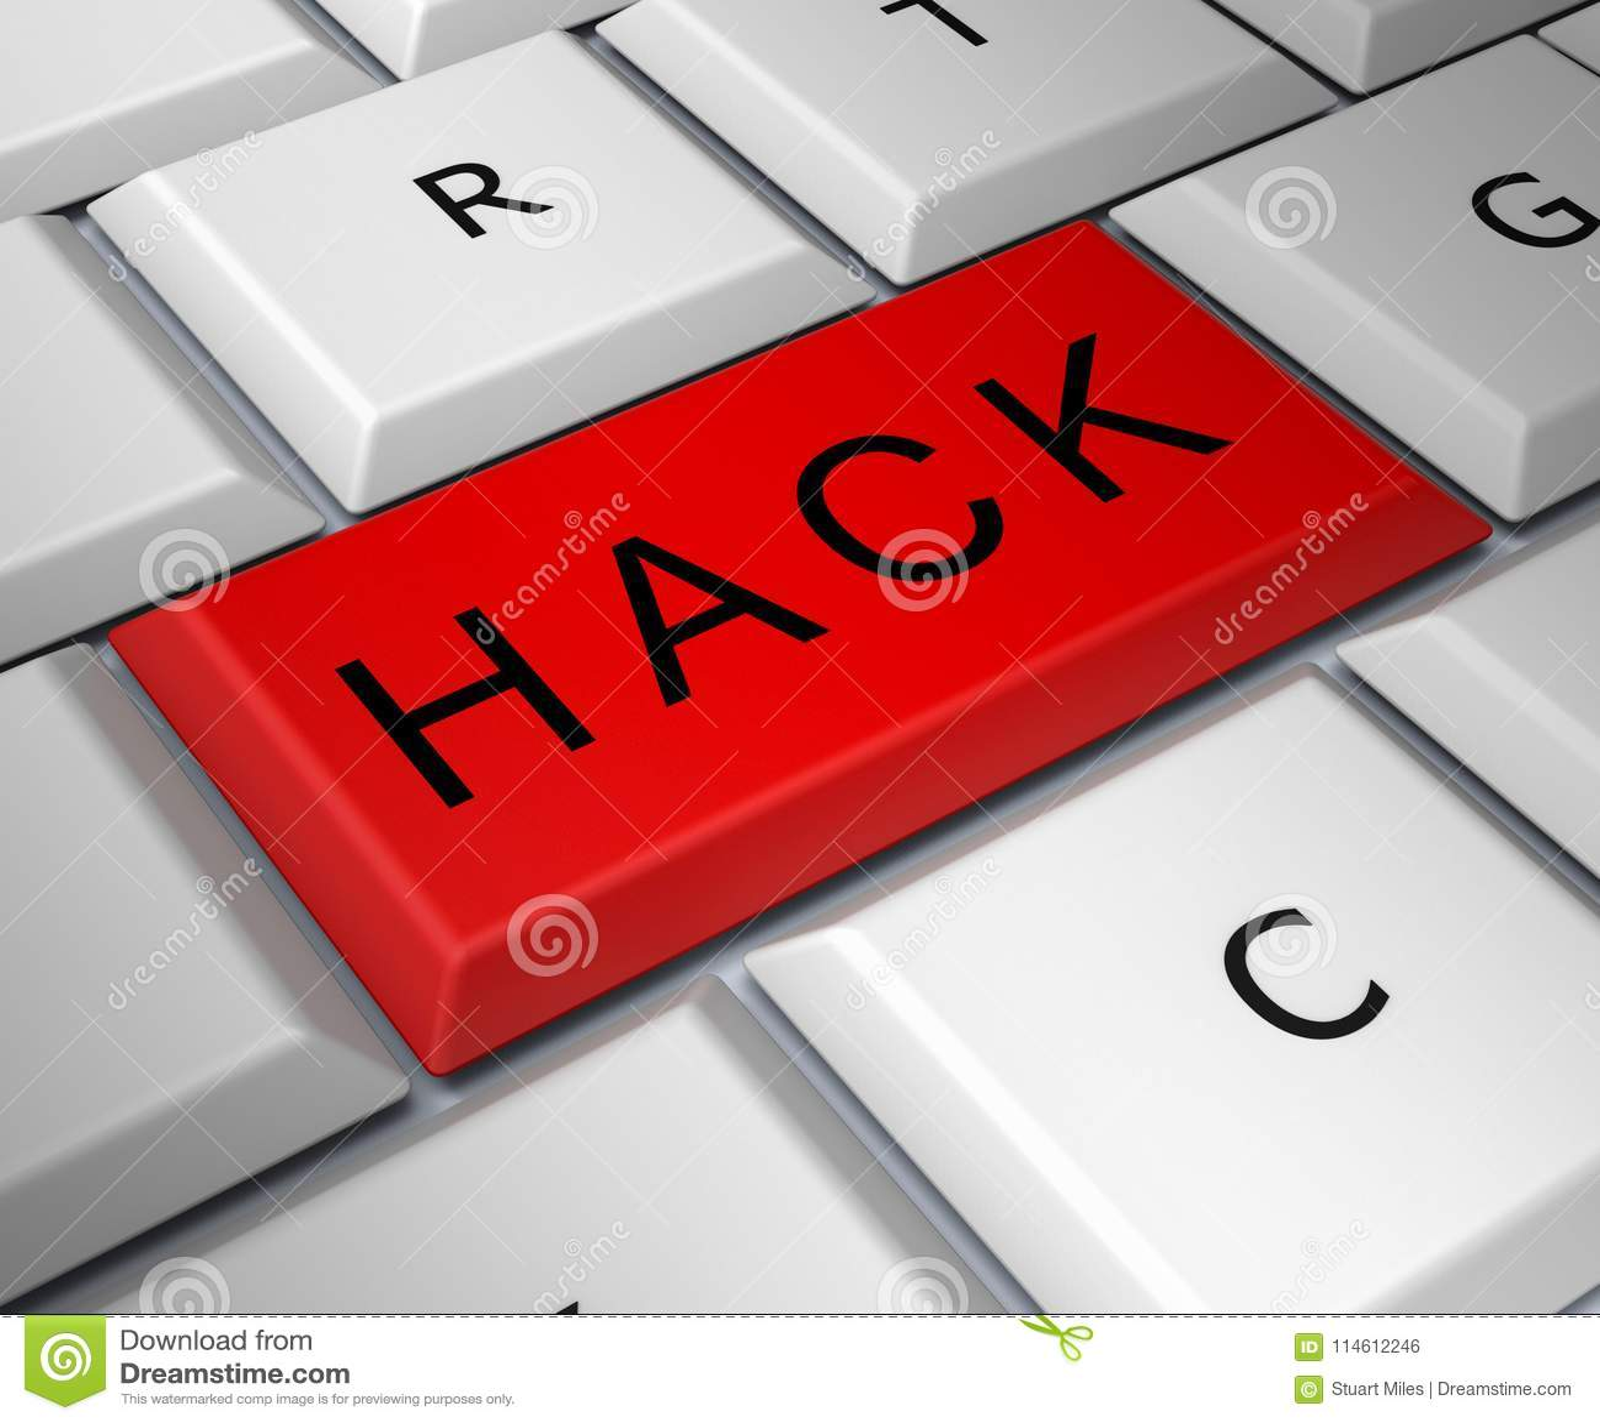 Hack Computer Red Key Shows Hacking 3d Illustration